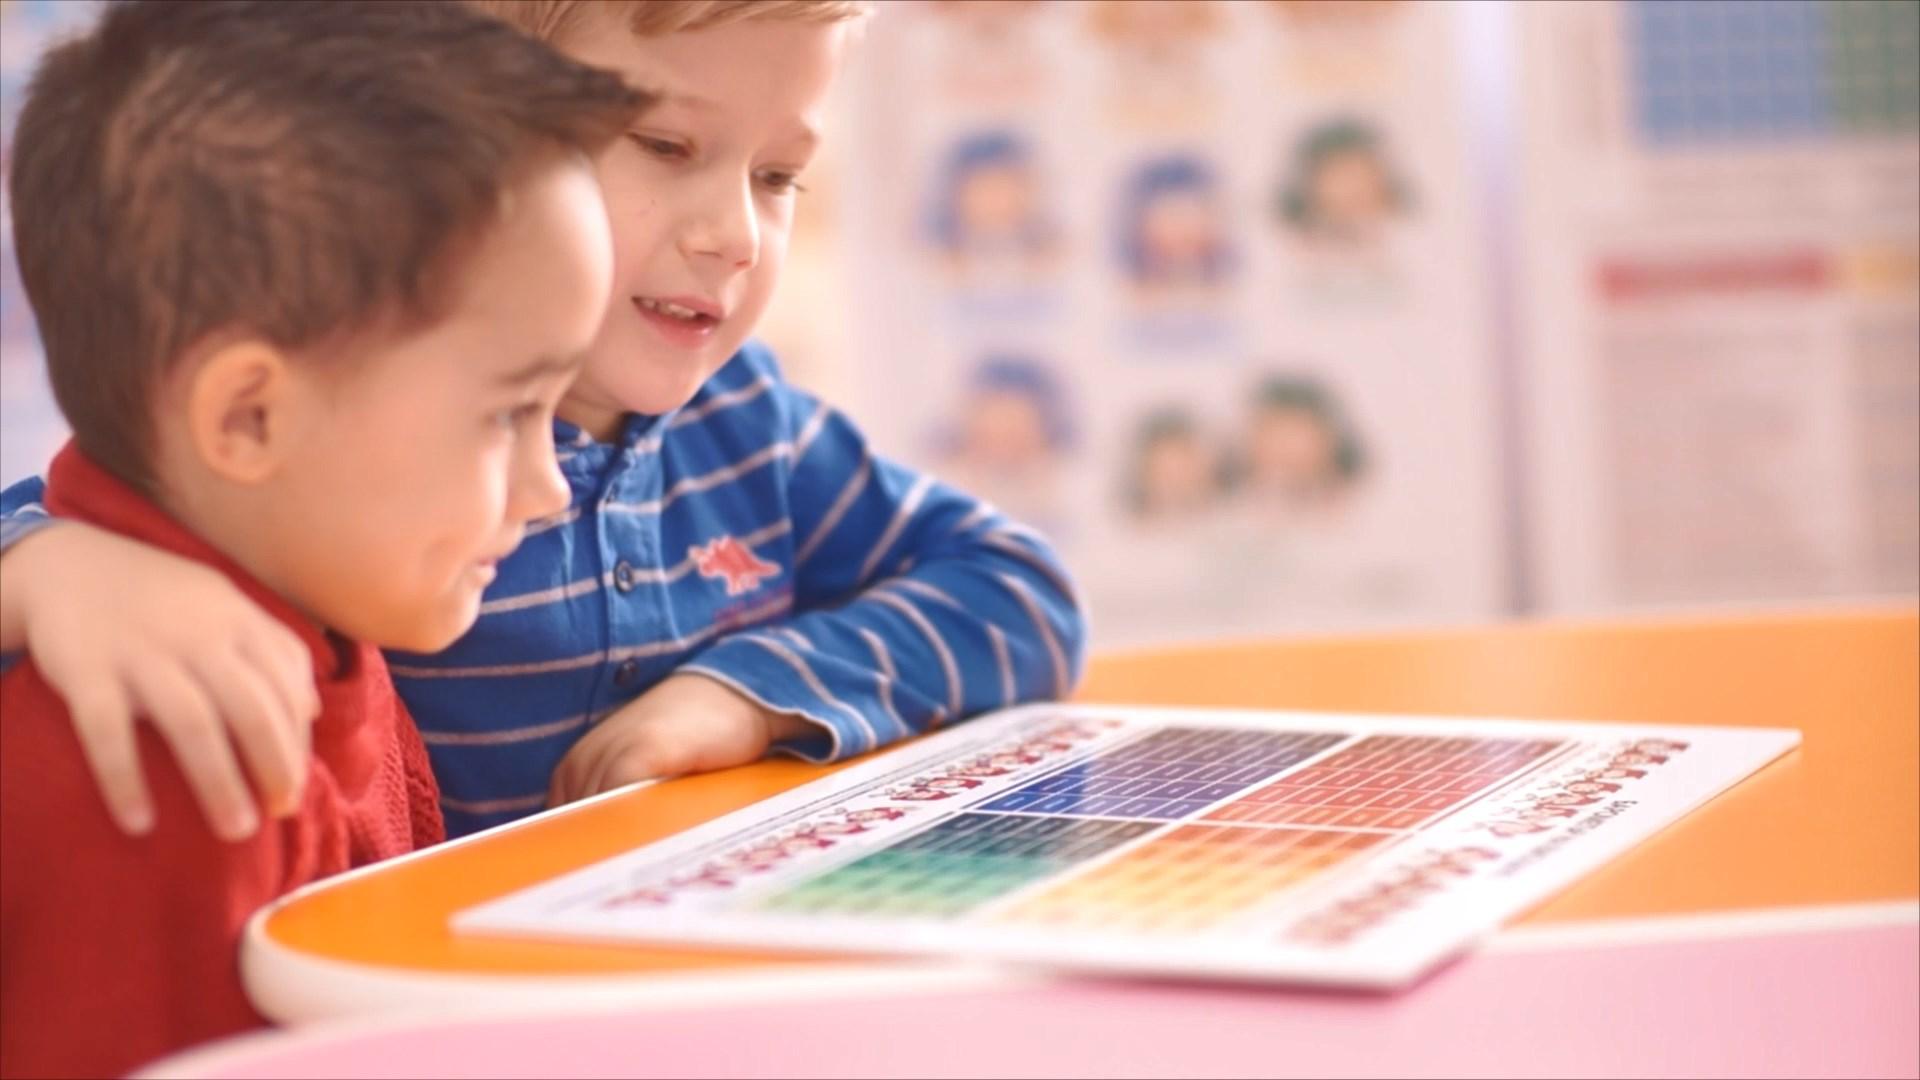 Развитие на емоционална интелигентност при децата - фънтазия